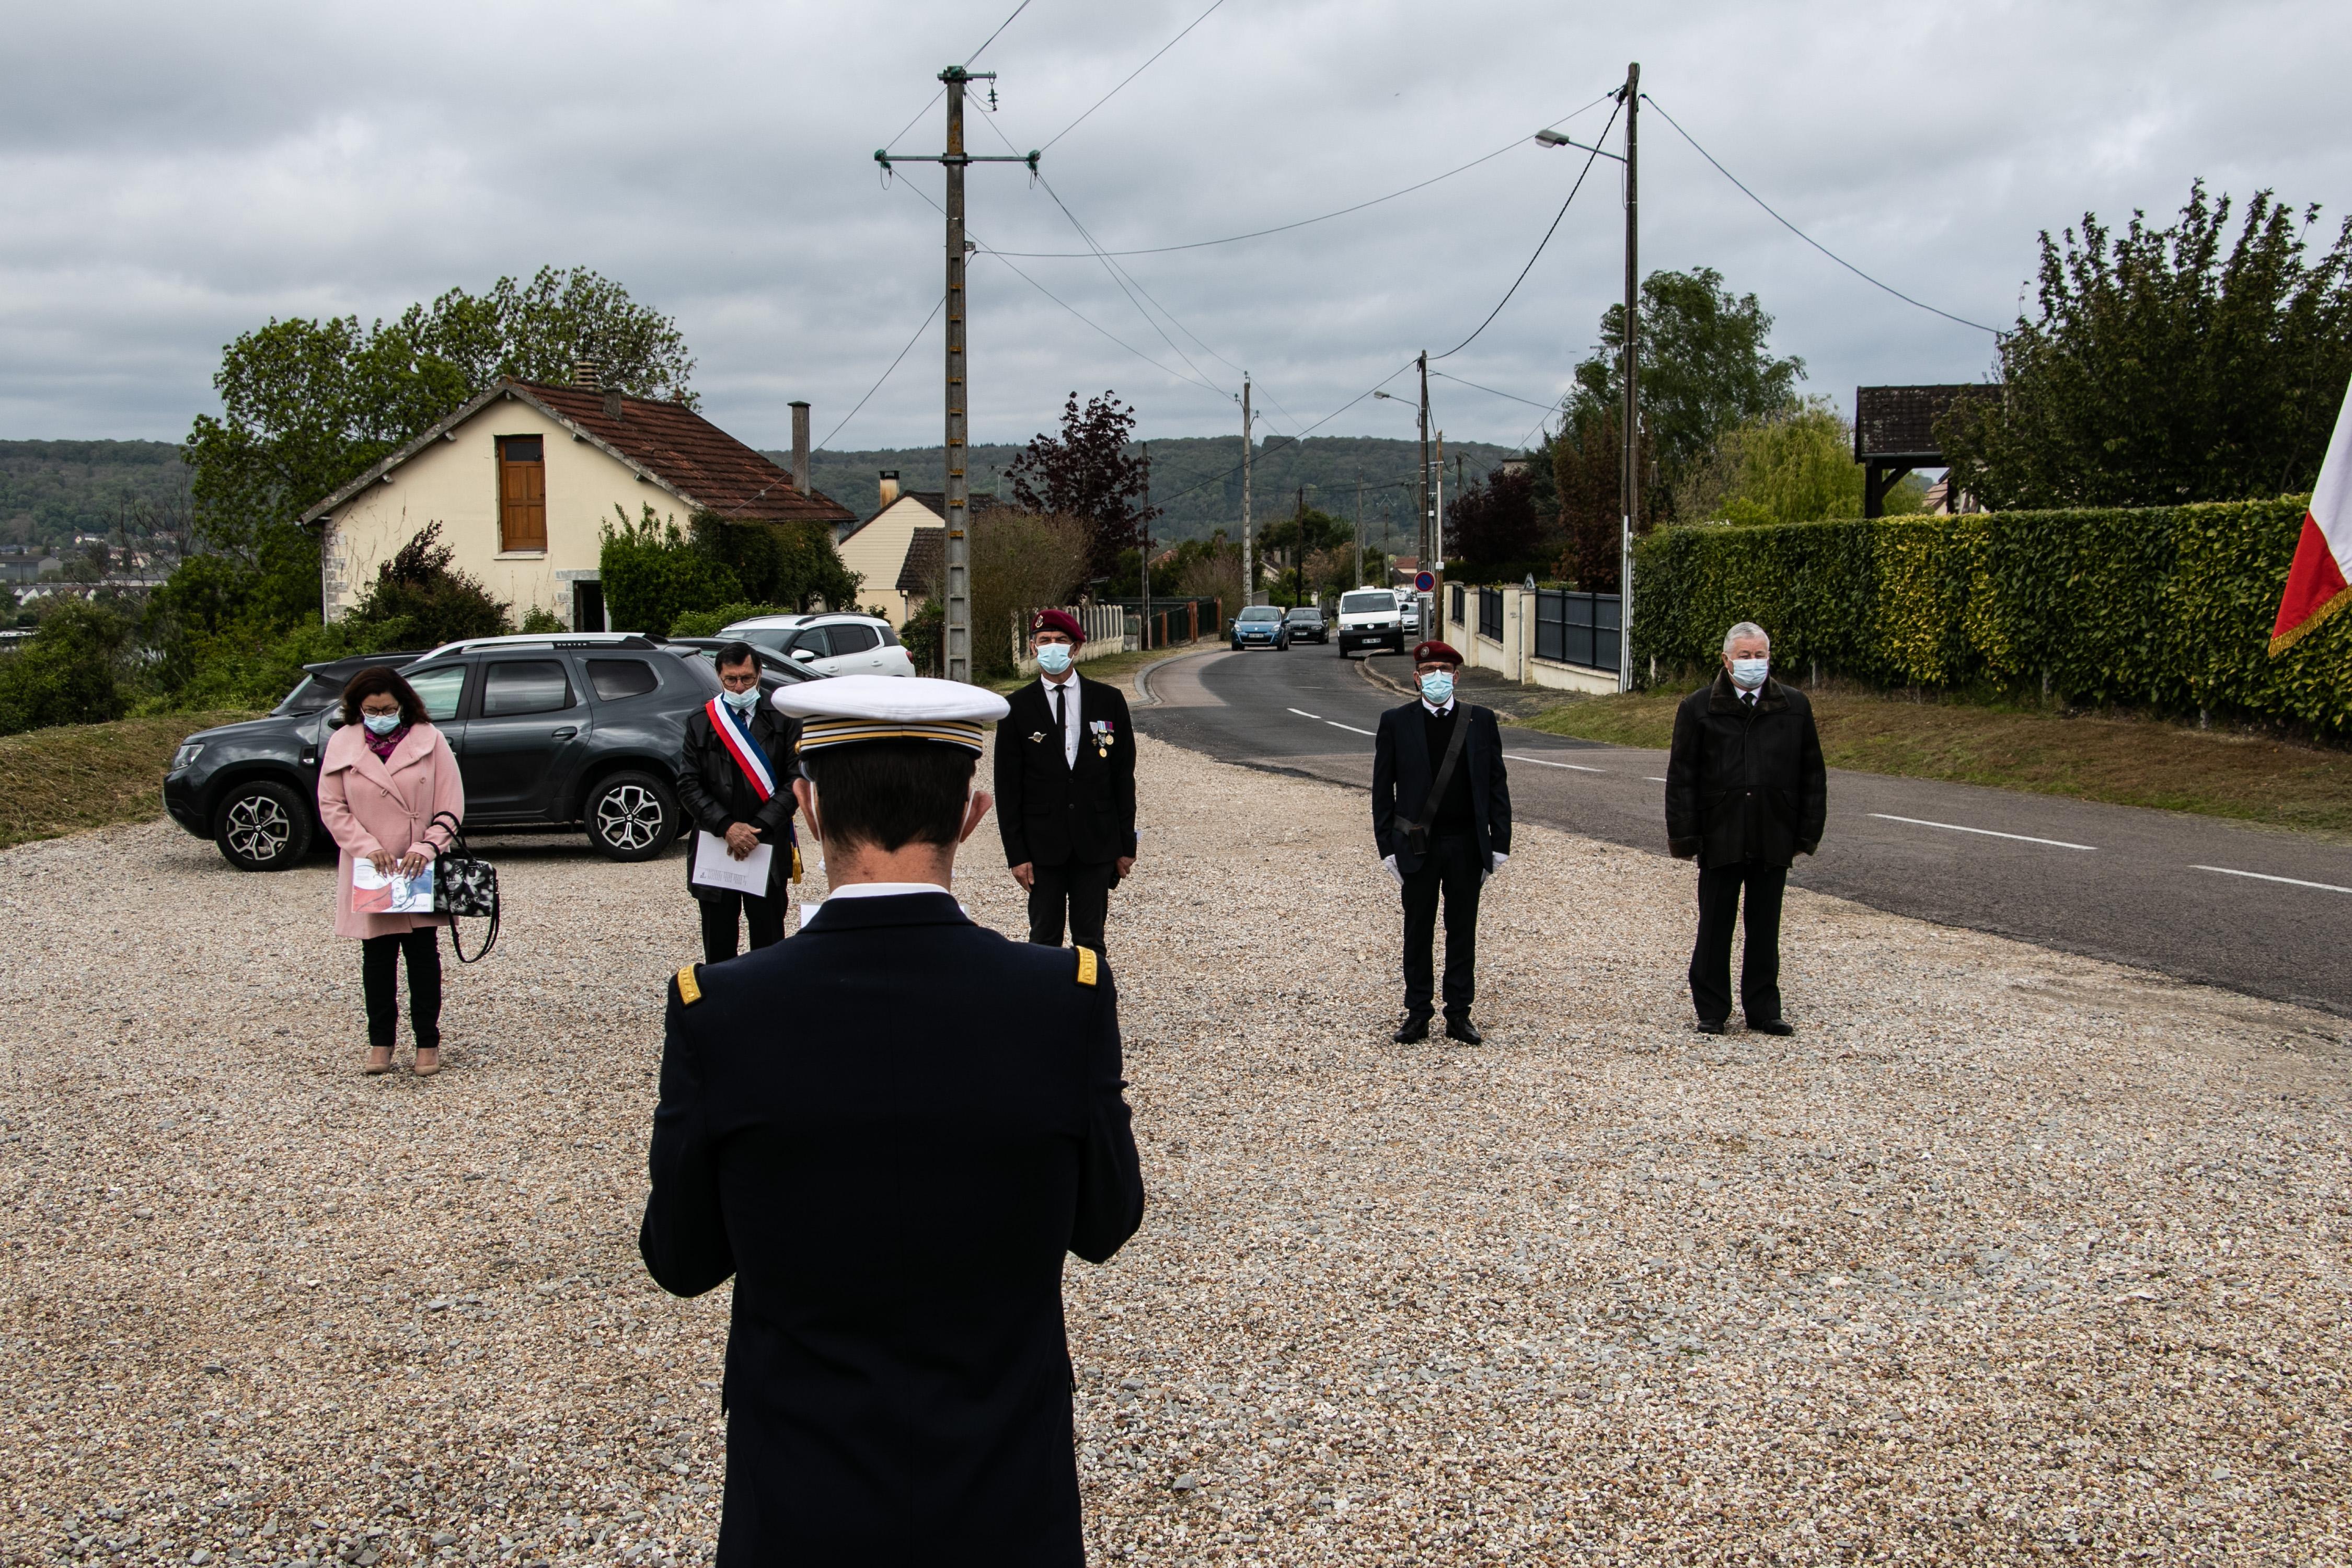 Tournage tricotage entrerprise Maternne à Moreuil photo façade batiment 5 _1 sur 15_.jpg